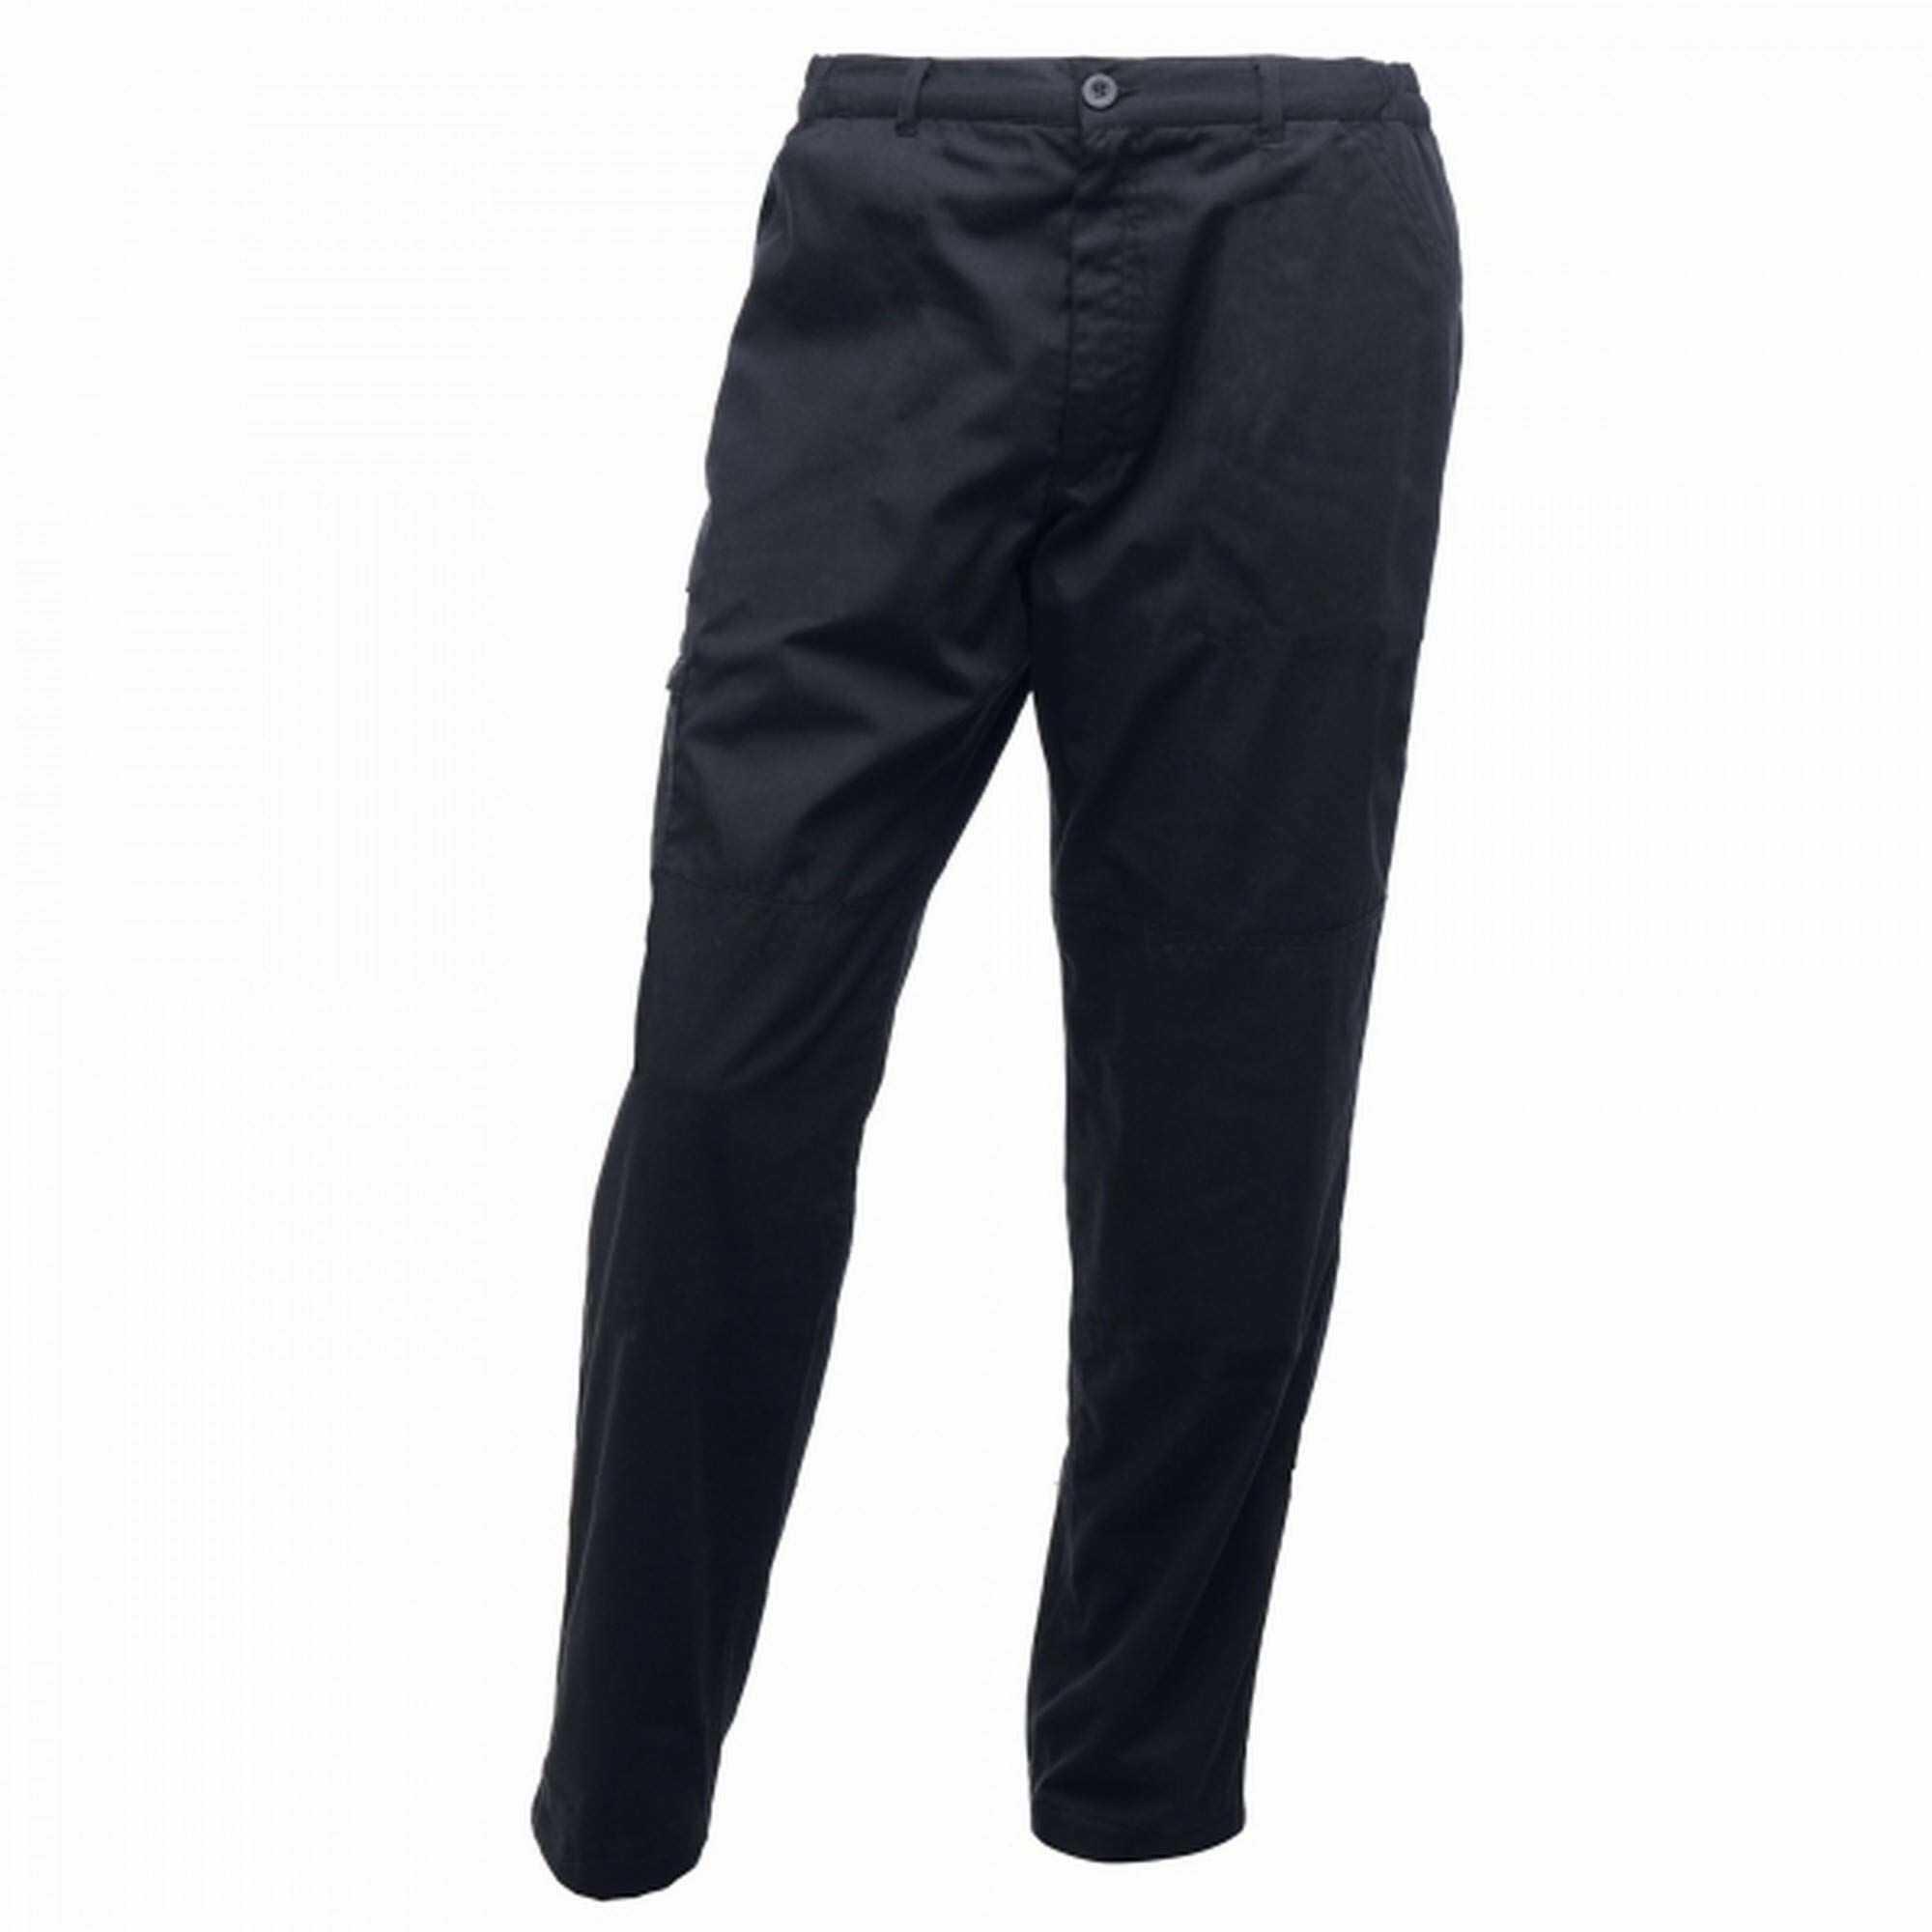 Regatta męskie profesjonalne Pro Cargo wytrzymałe wodoodporne spodnie z wieloma kieszeniami, granatowe, rozmiar: 100 cm